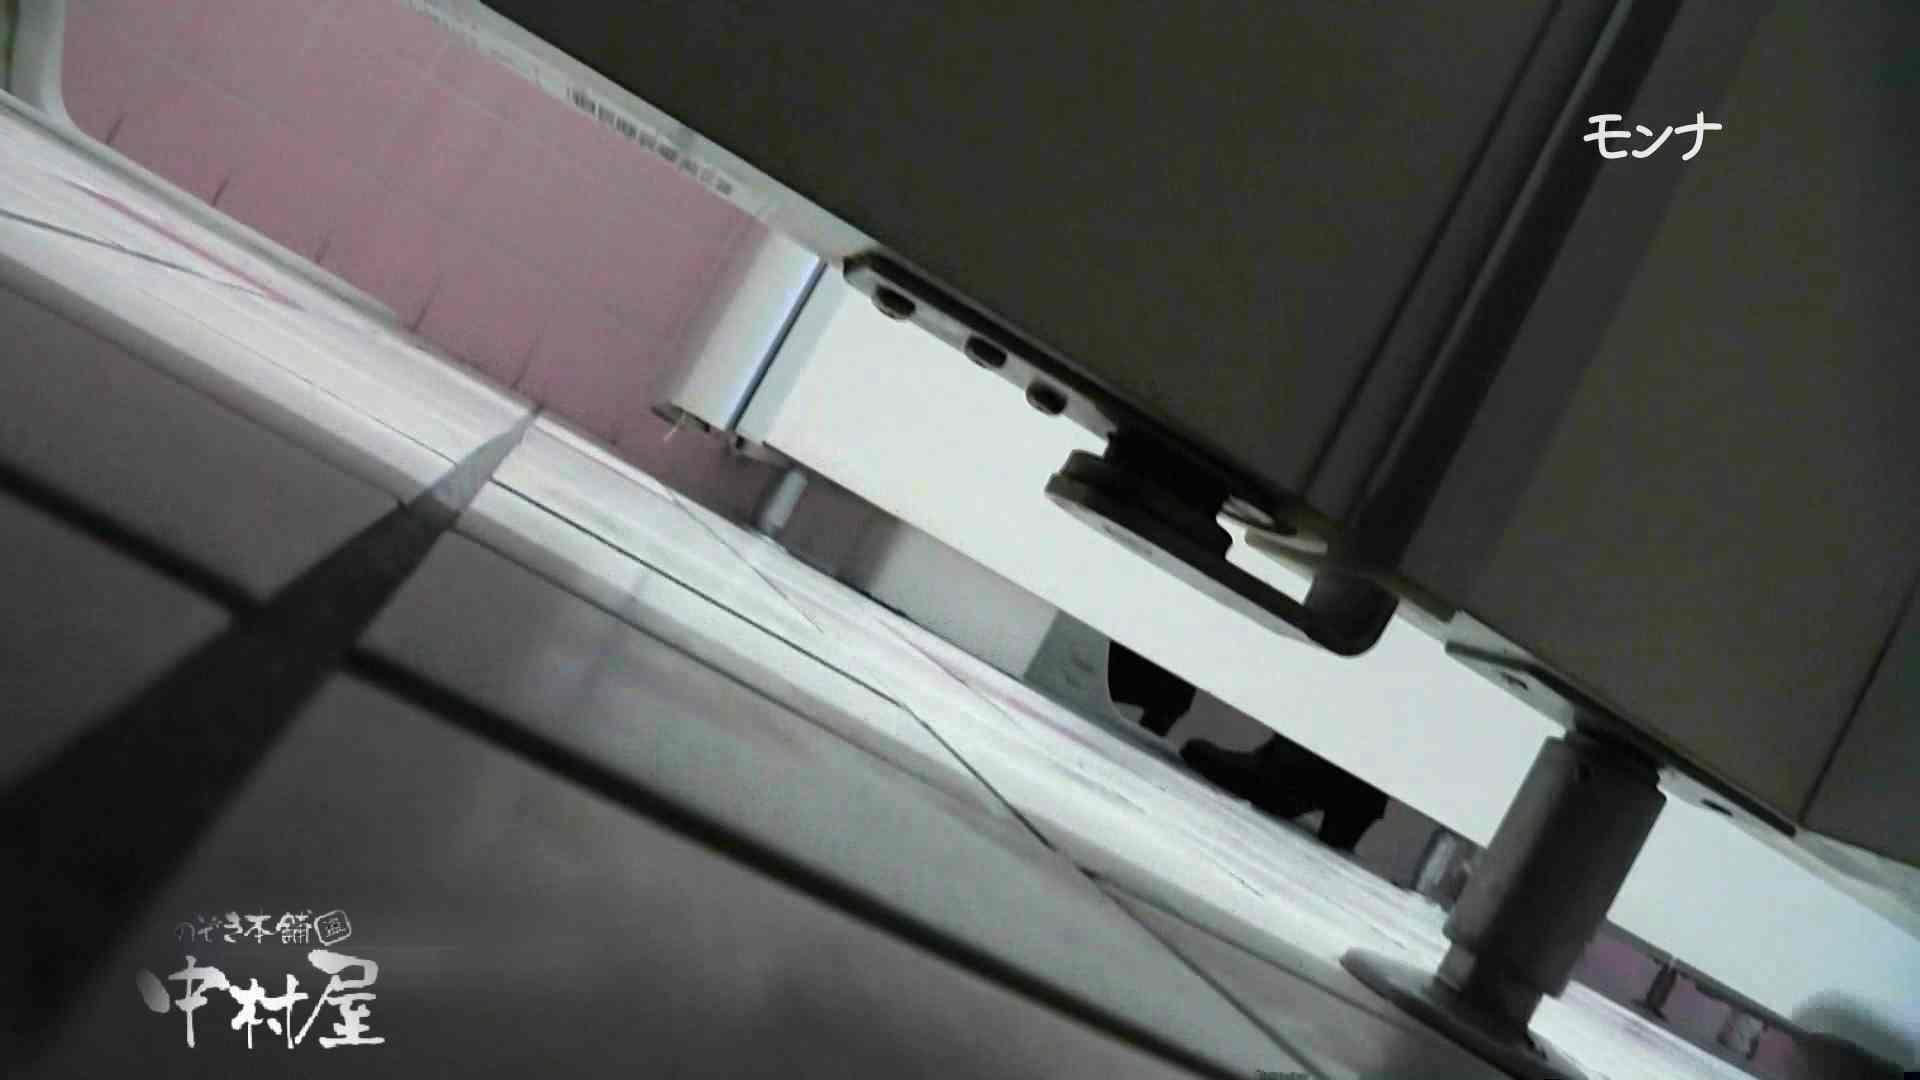 【美しい日本の未来】遂に!!戸田恵梨香似の予告モデル登場ダッシュで「大」後編 おまんこ見放題  101PIX 92